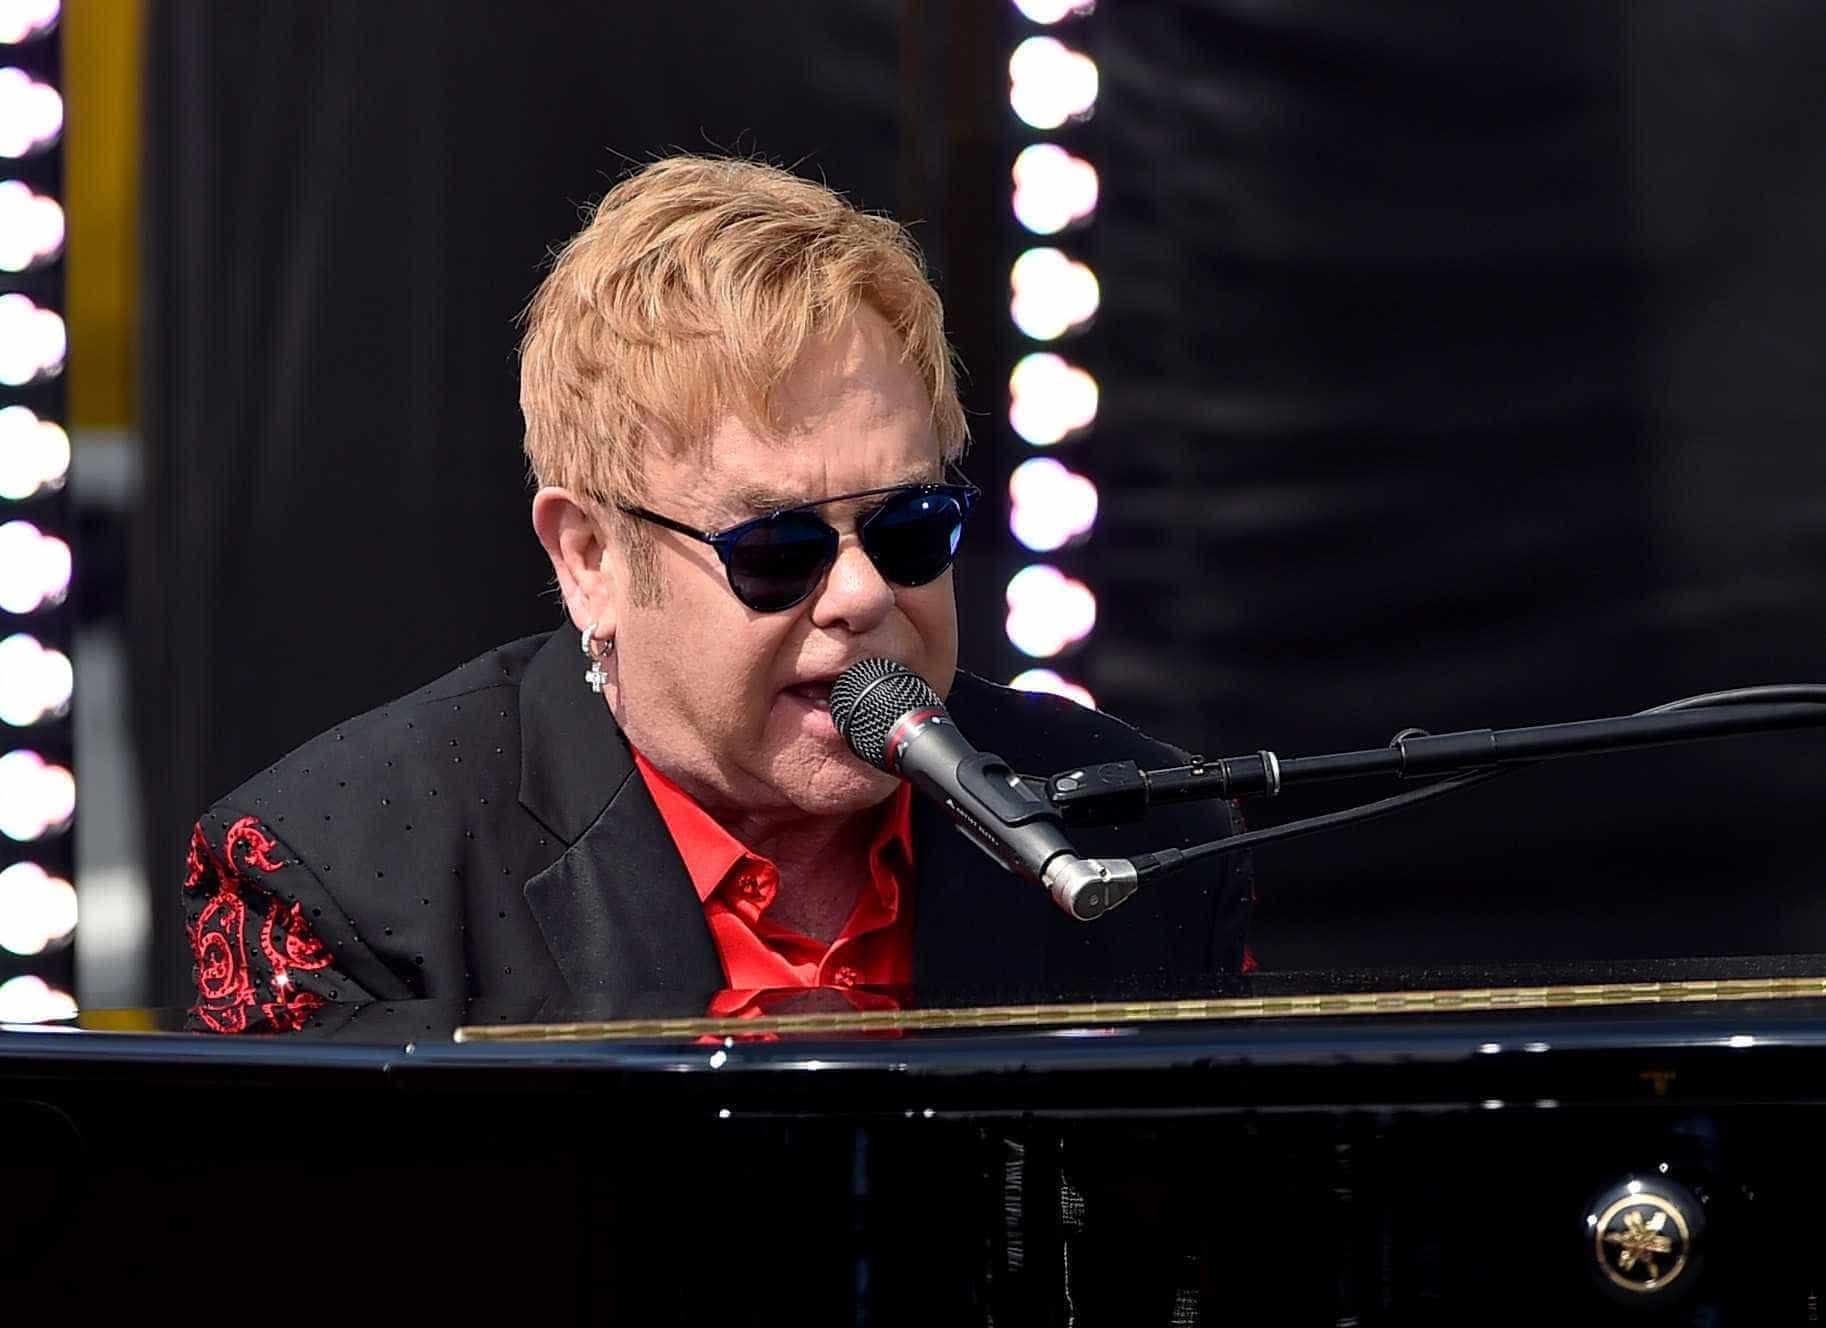 Como um presente de Natal pode mudar uma vida: A história de Elton John